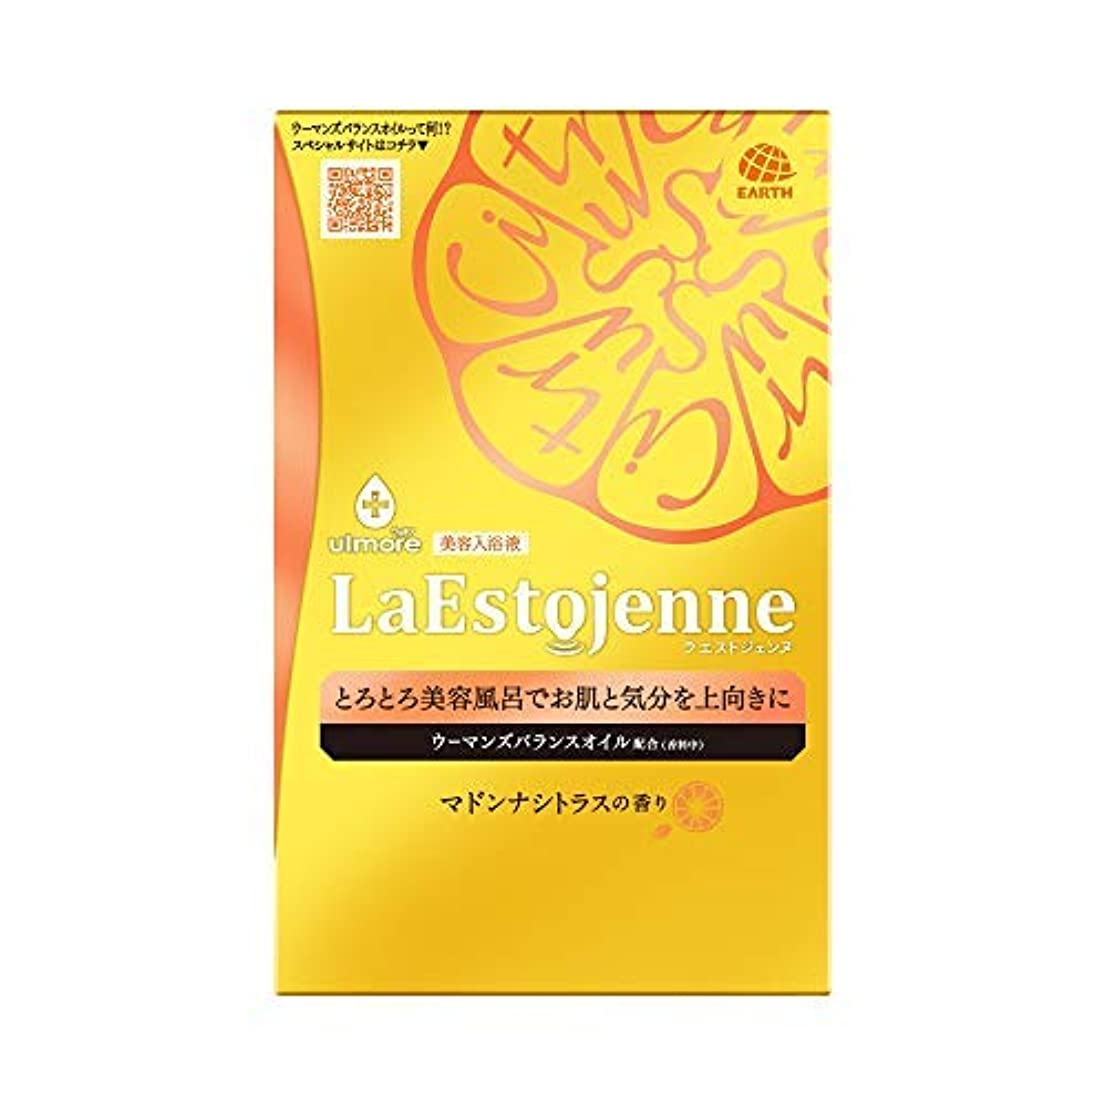 担当者挑む茎ウルモア ラエストジェンヌ マドンナシトラスの香り 3包入り × 2個セット